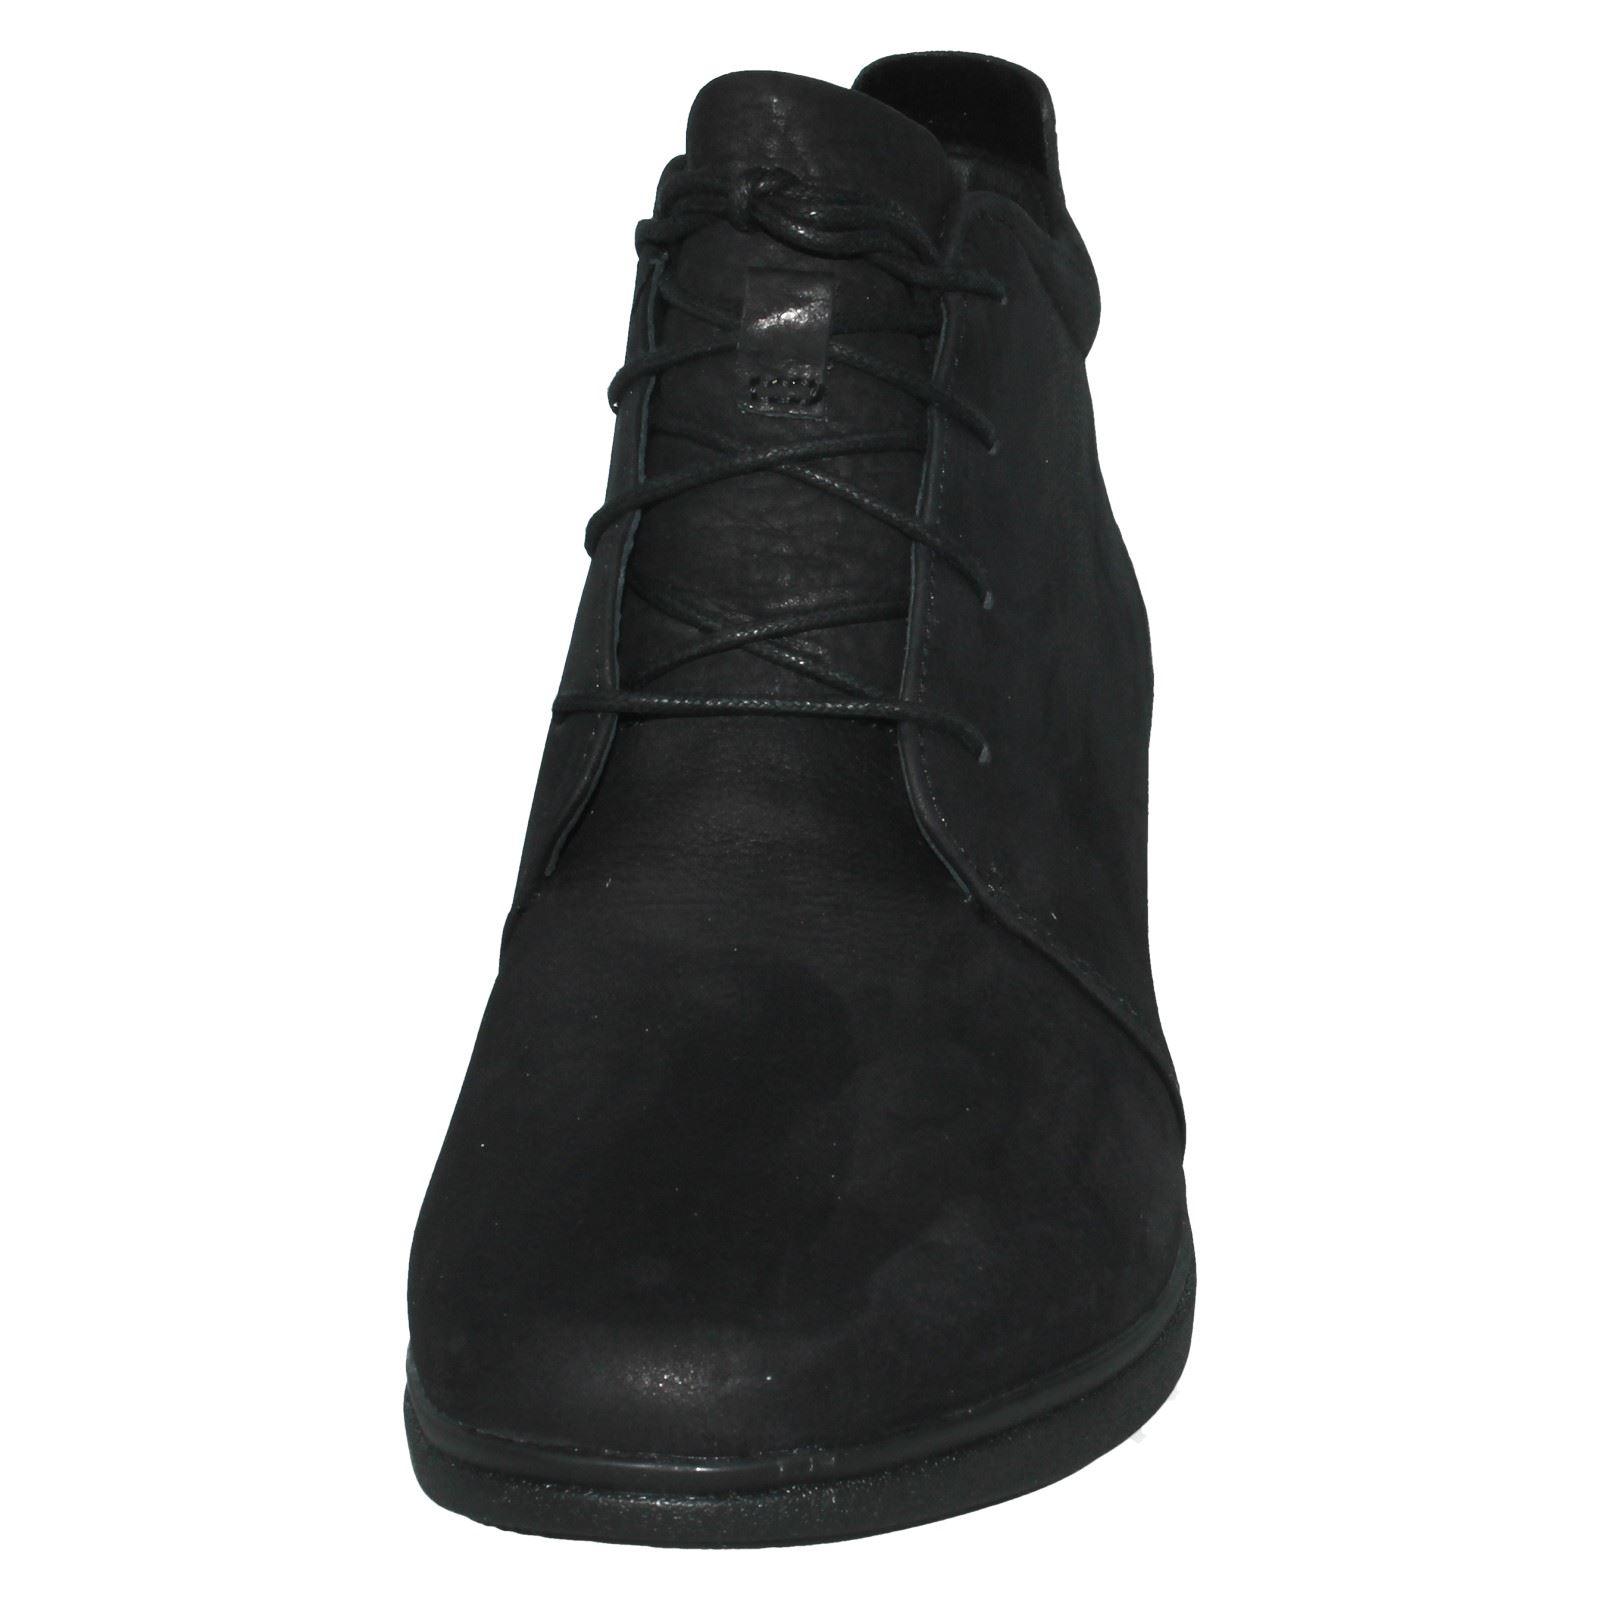 Señoras ENCAJE ENCAJE ENCAJE no estructurados por Clarks Informal botas al tobillo un tallara Eva e56039